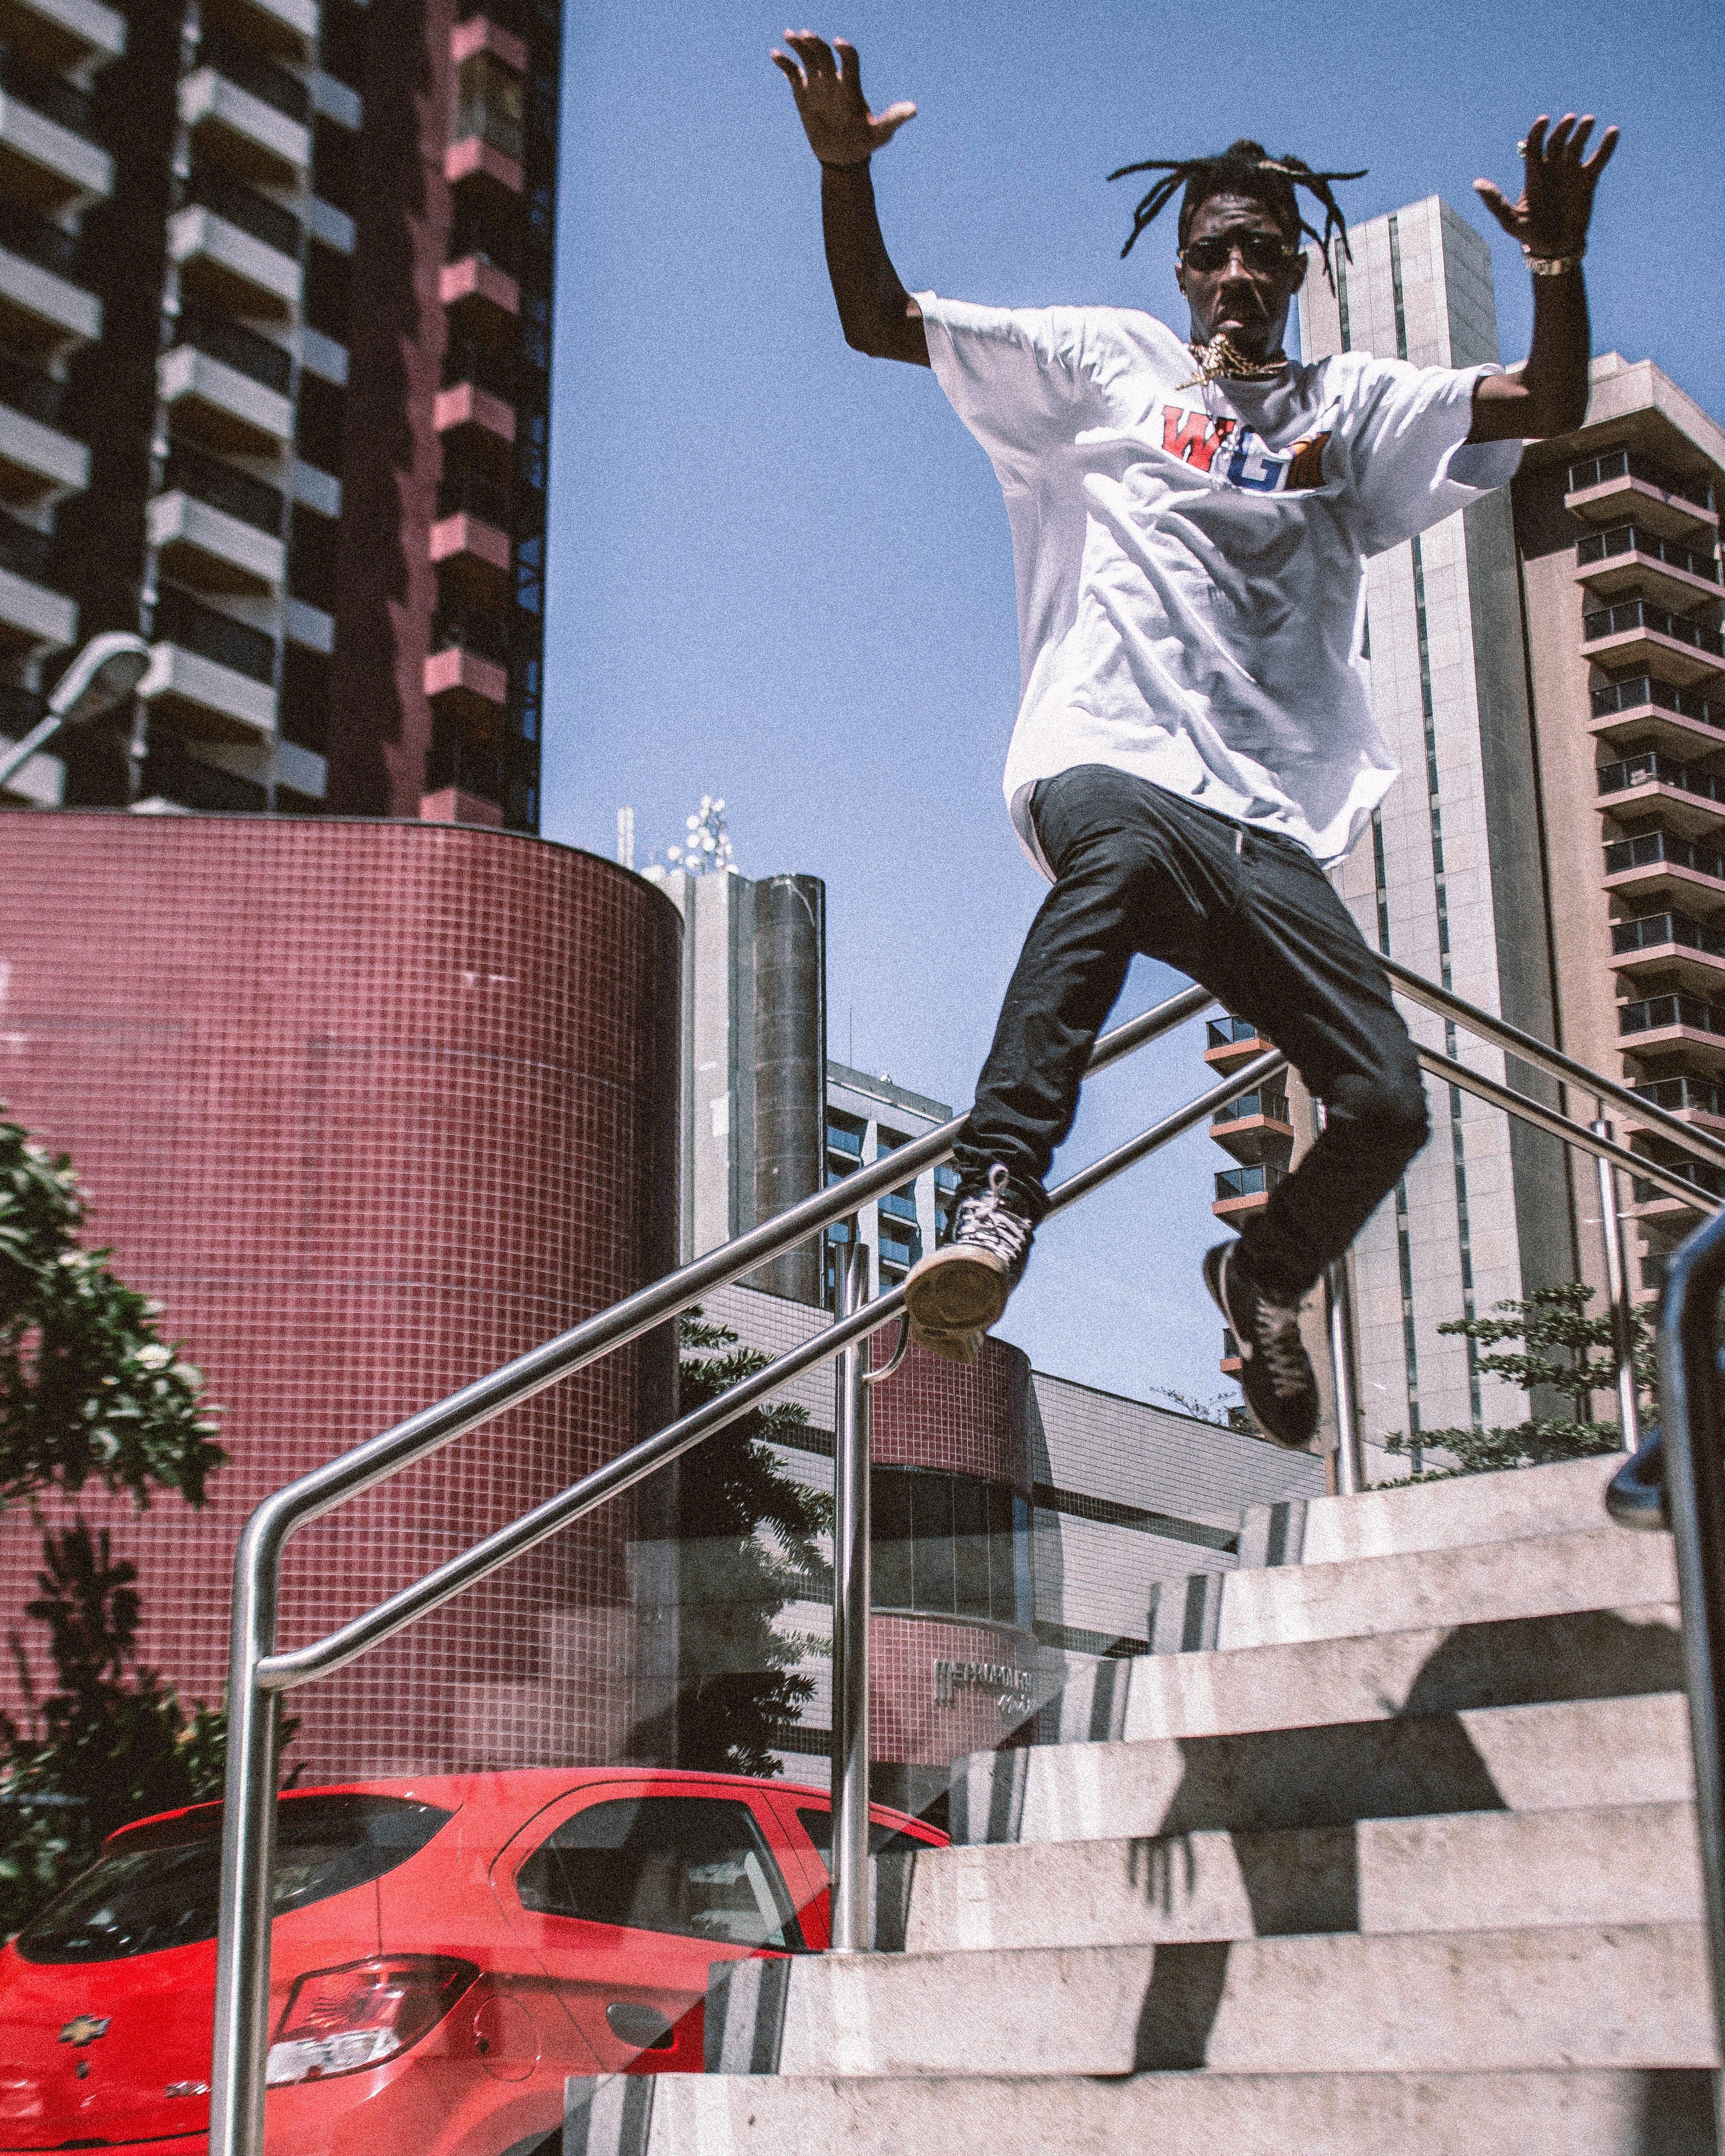 おとこ, ストリートウェア, 階段, 飛び跳ねるの無料の写真素材